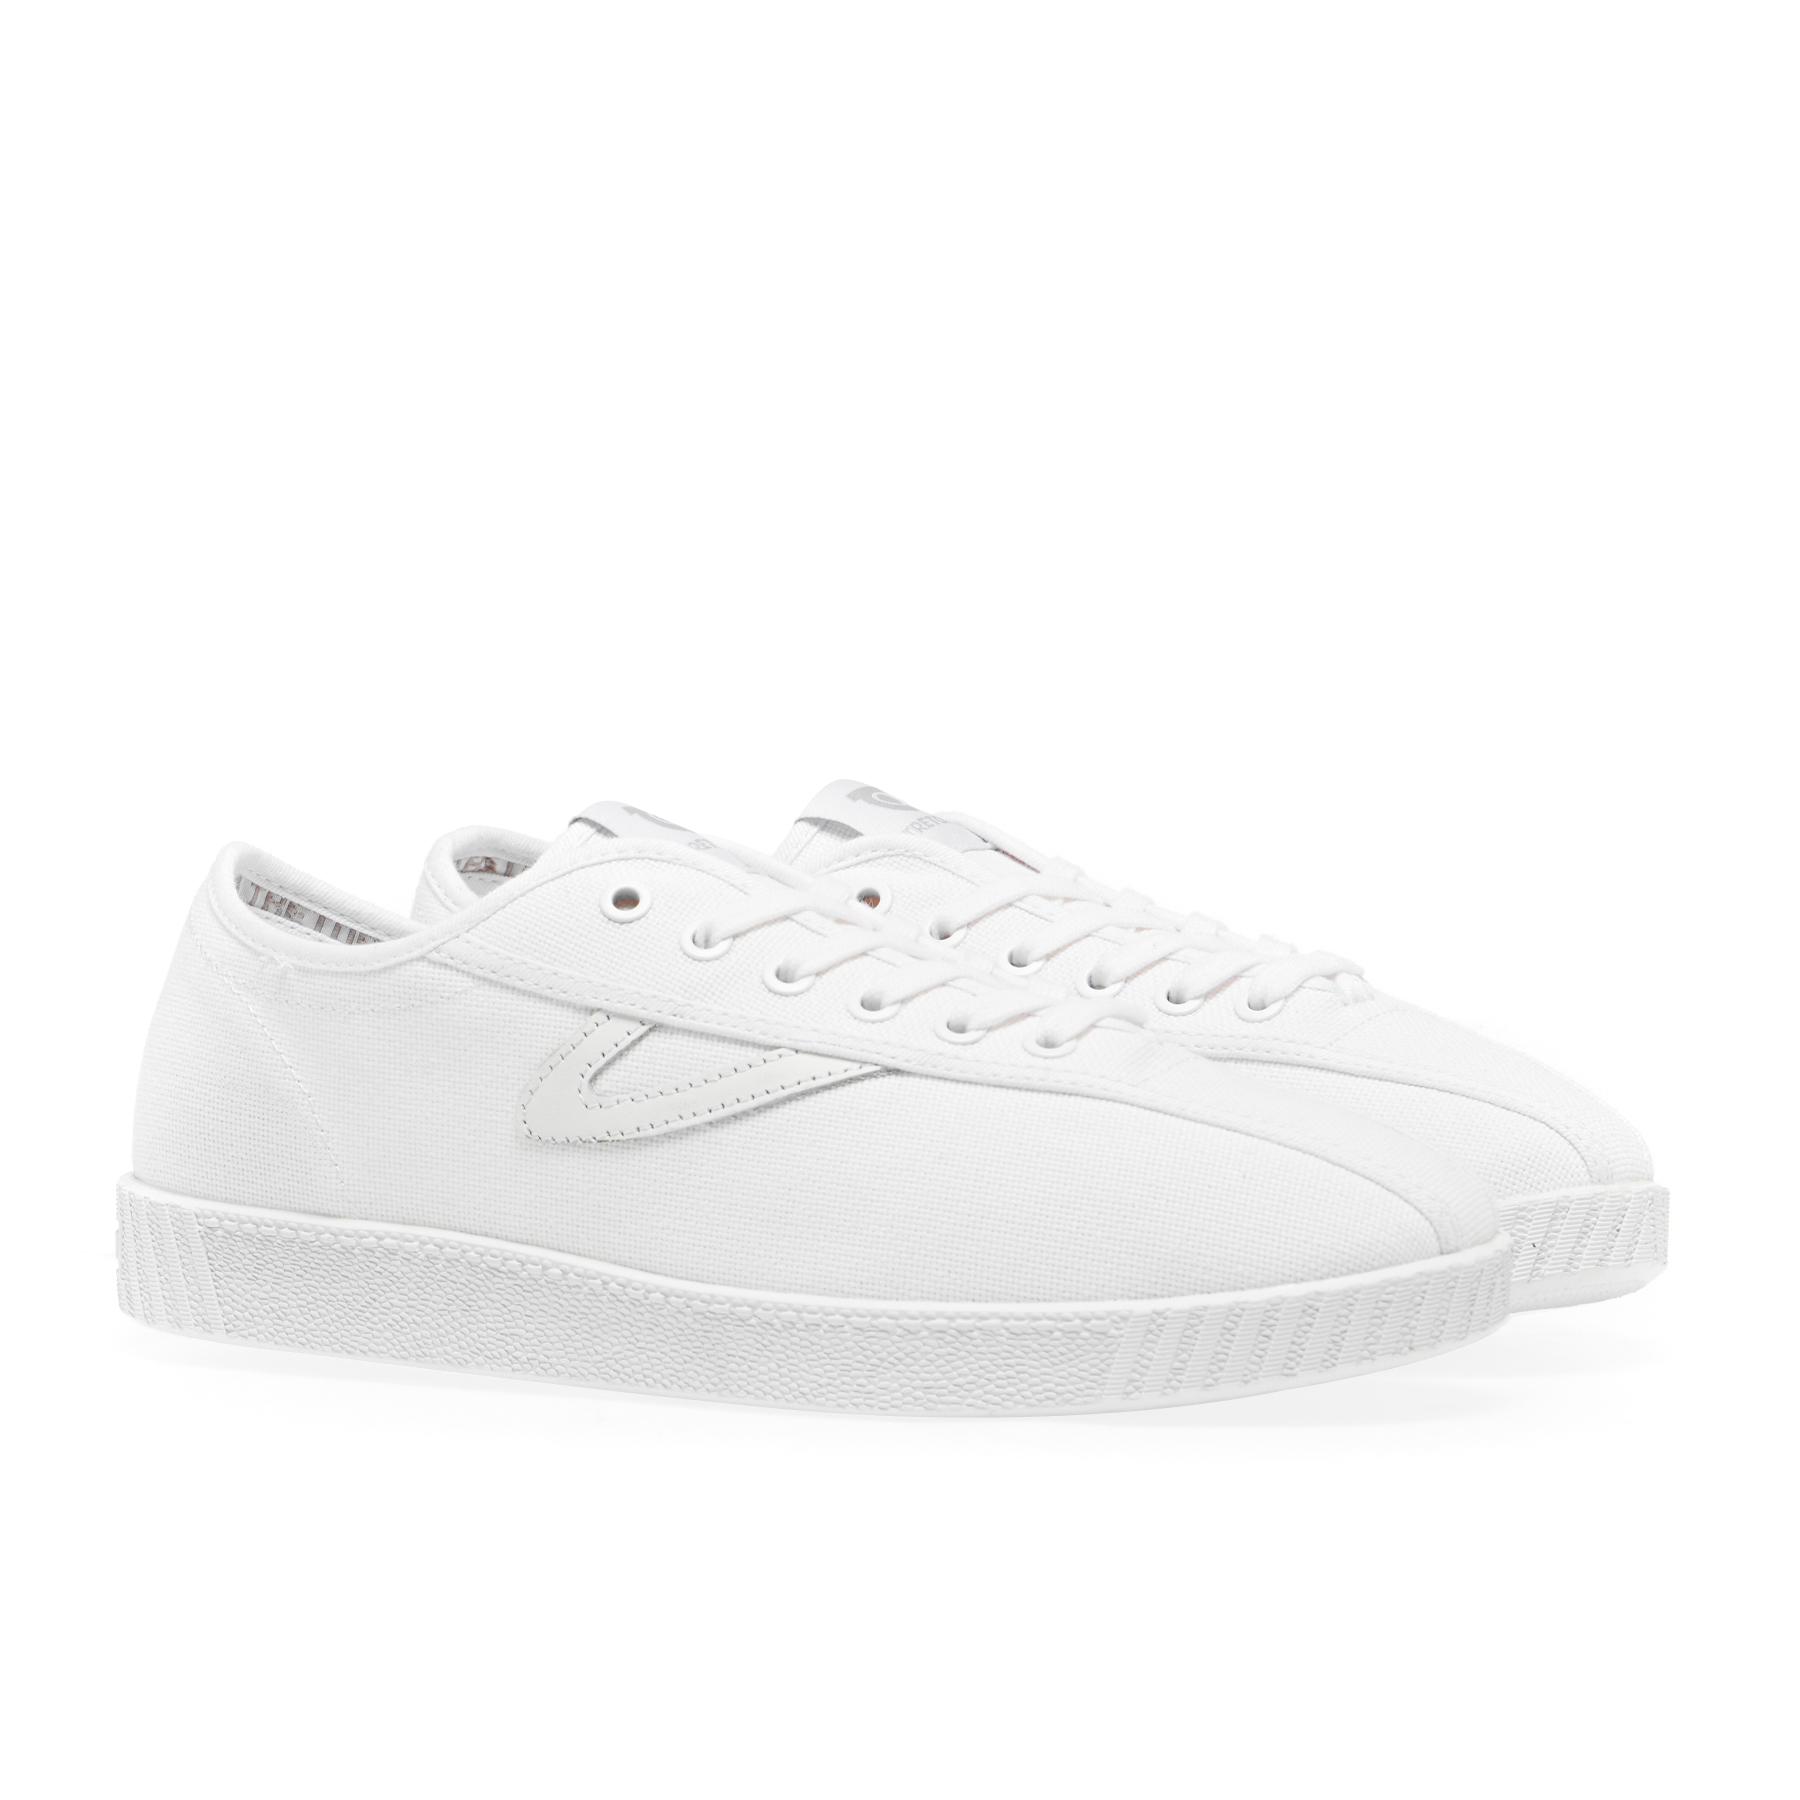 Tretorn Nylite Shoes - White White